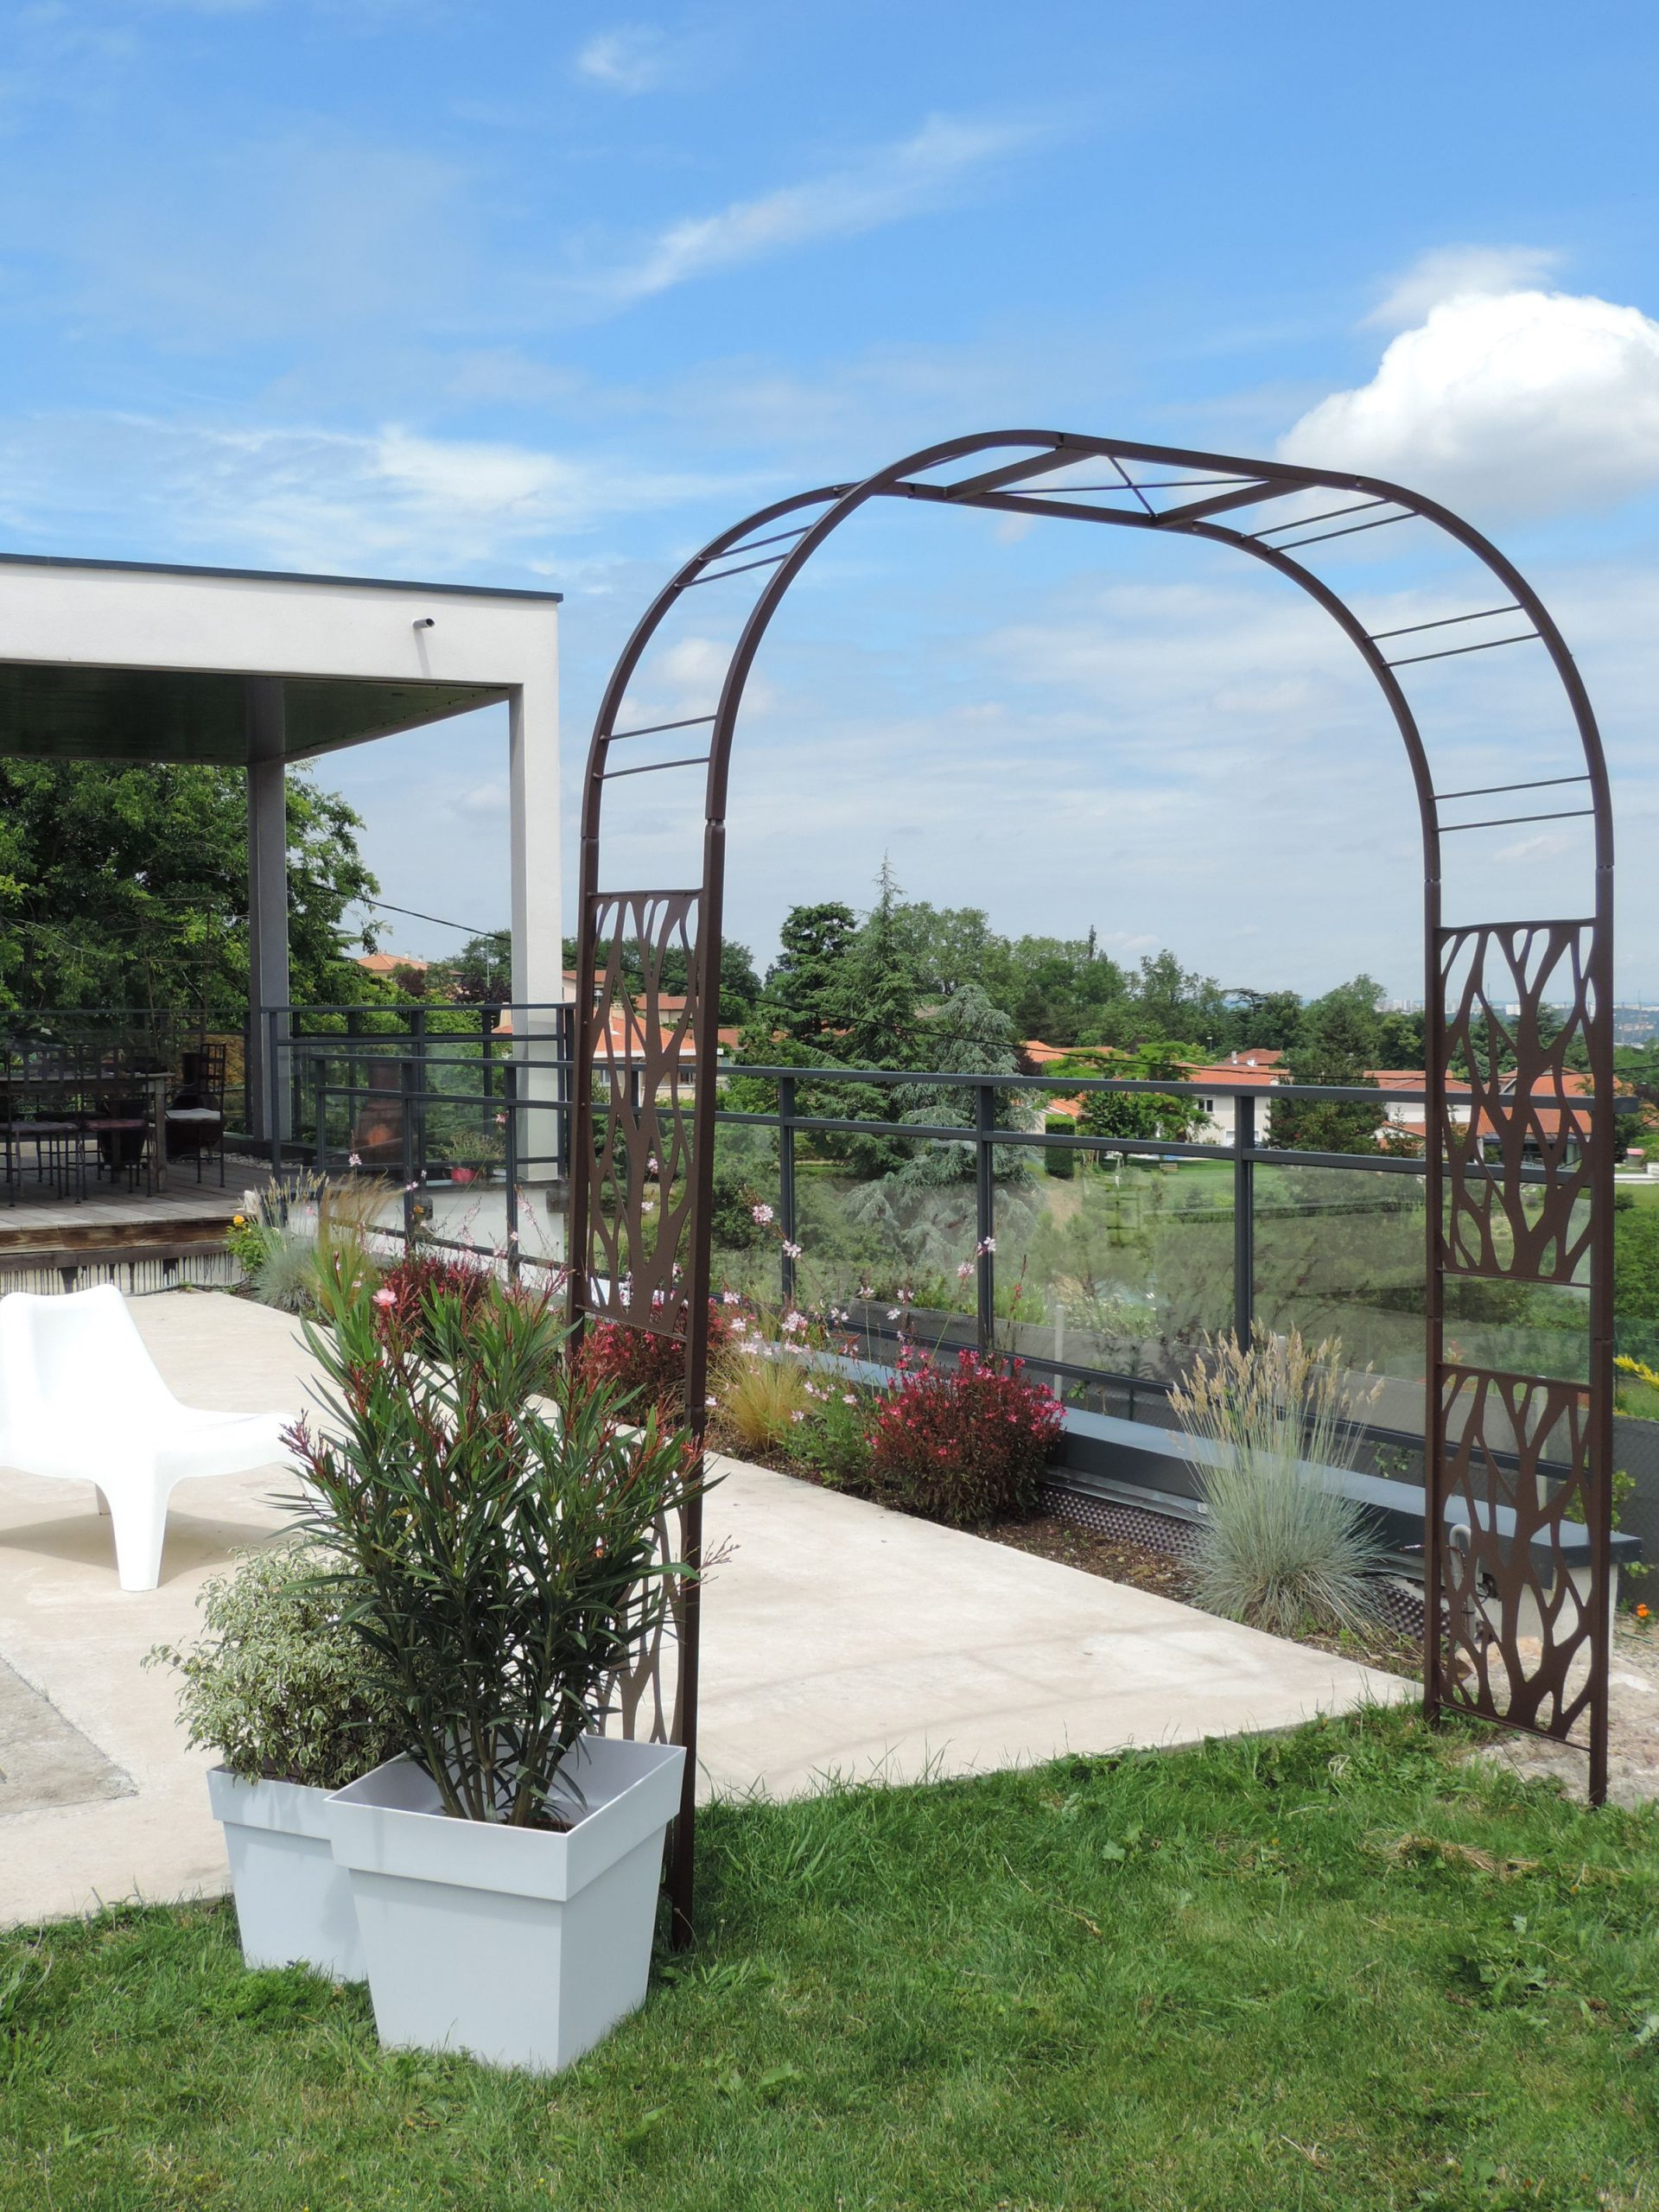 Cette Arche De Jardin, Double En Métal Au Design ... intérieur Arche De Jardin Fer Forgé